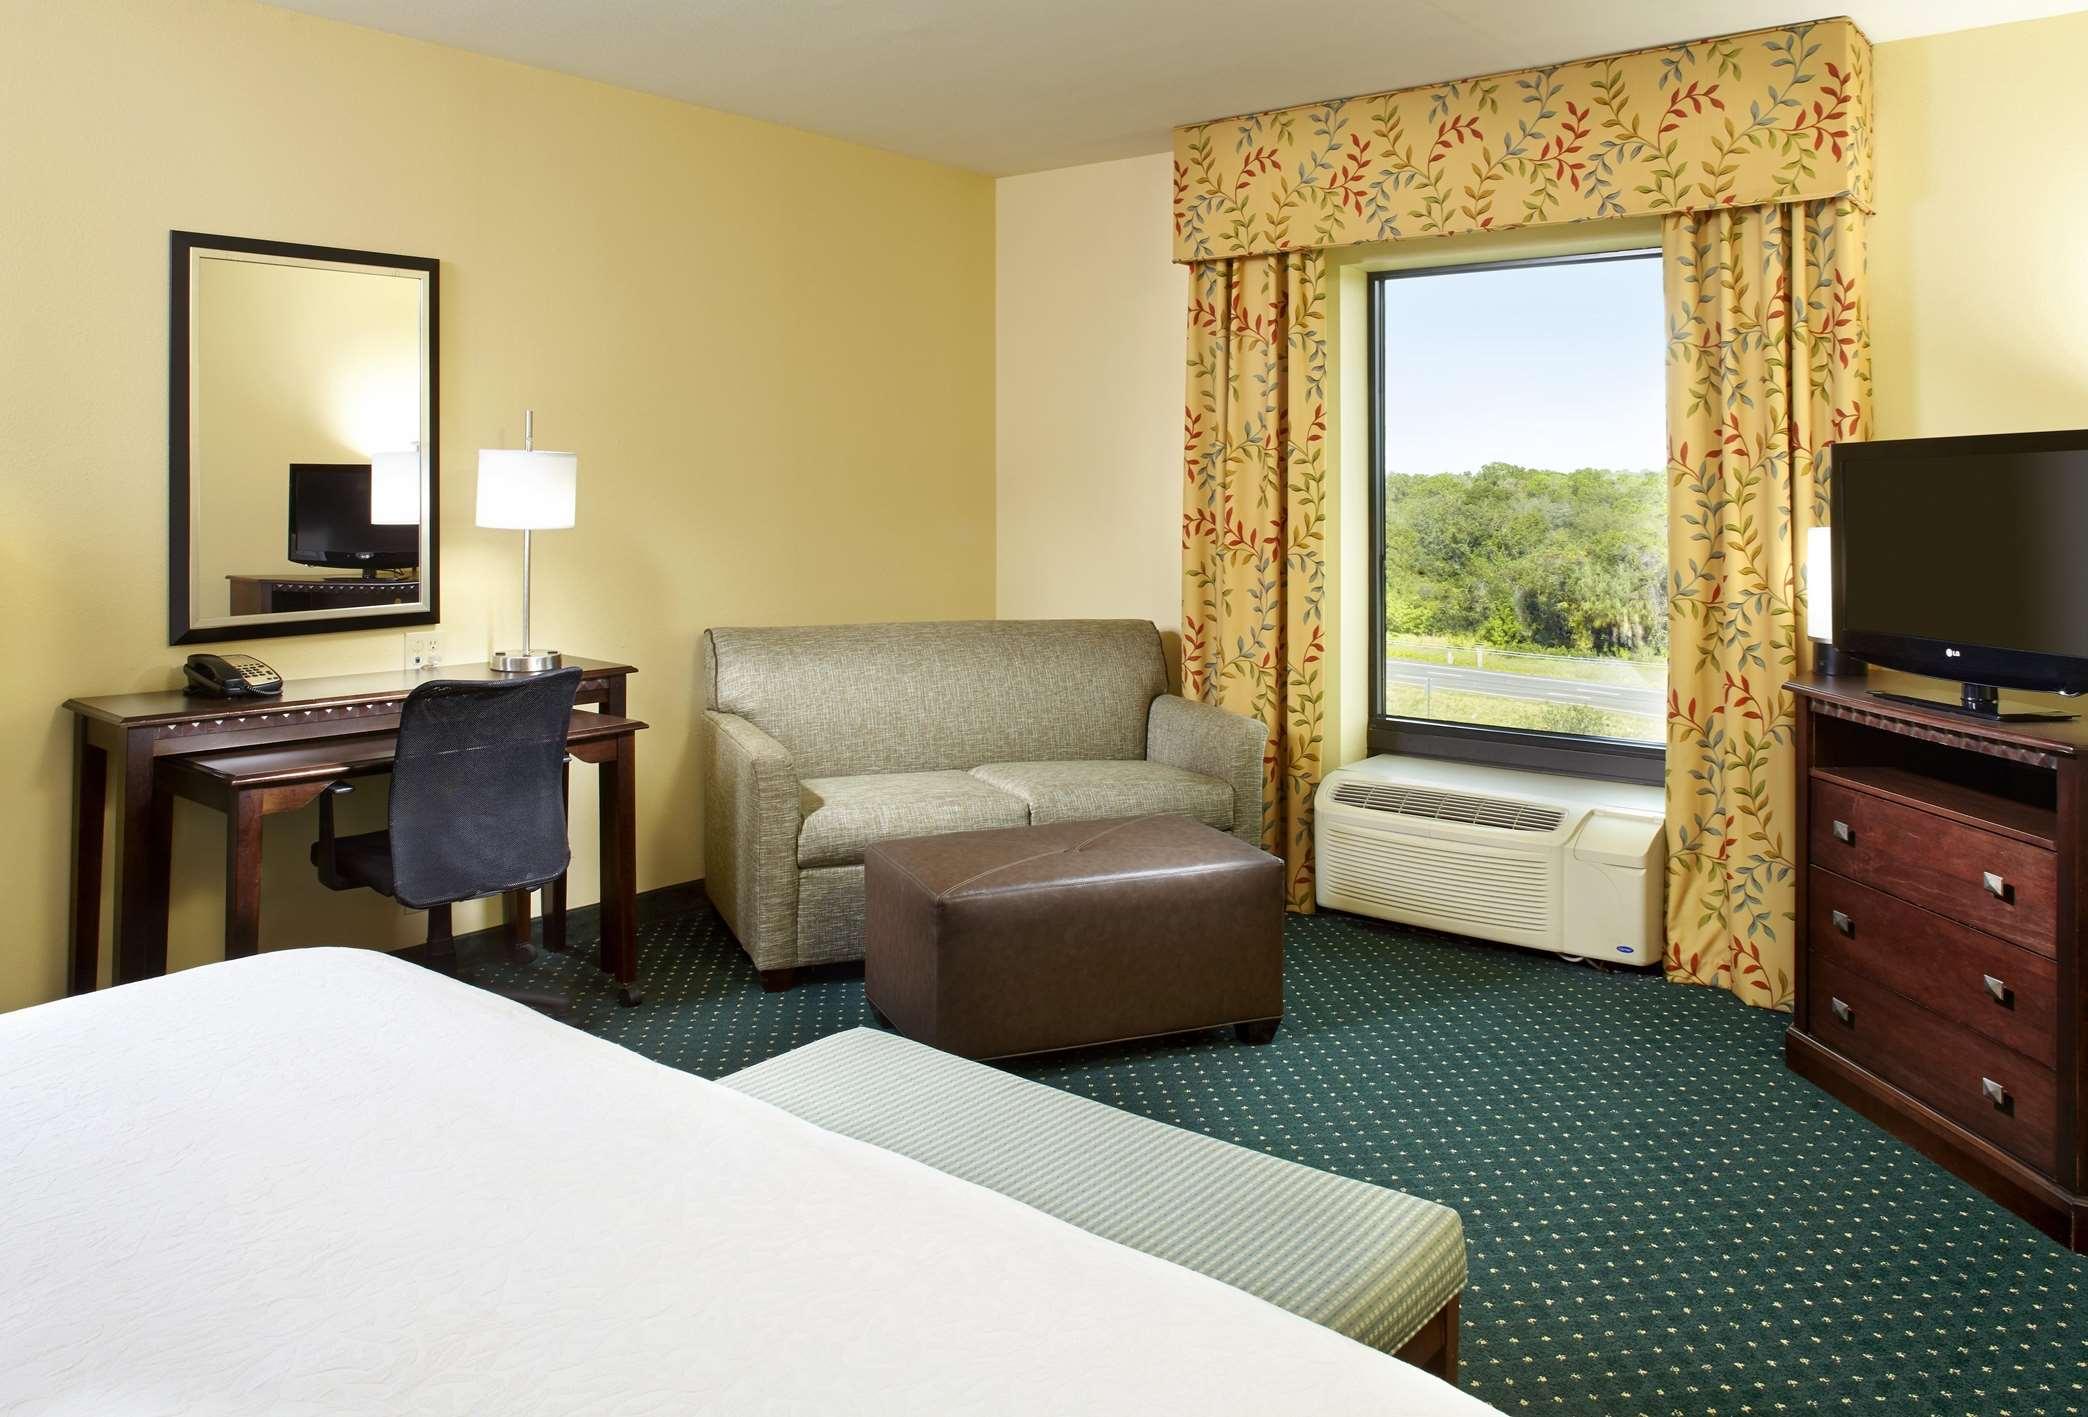 Hampton Inn & Suites Clearwater/St. Petersburg-Ulmerton Road, FL image 23